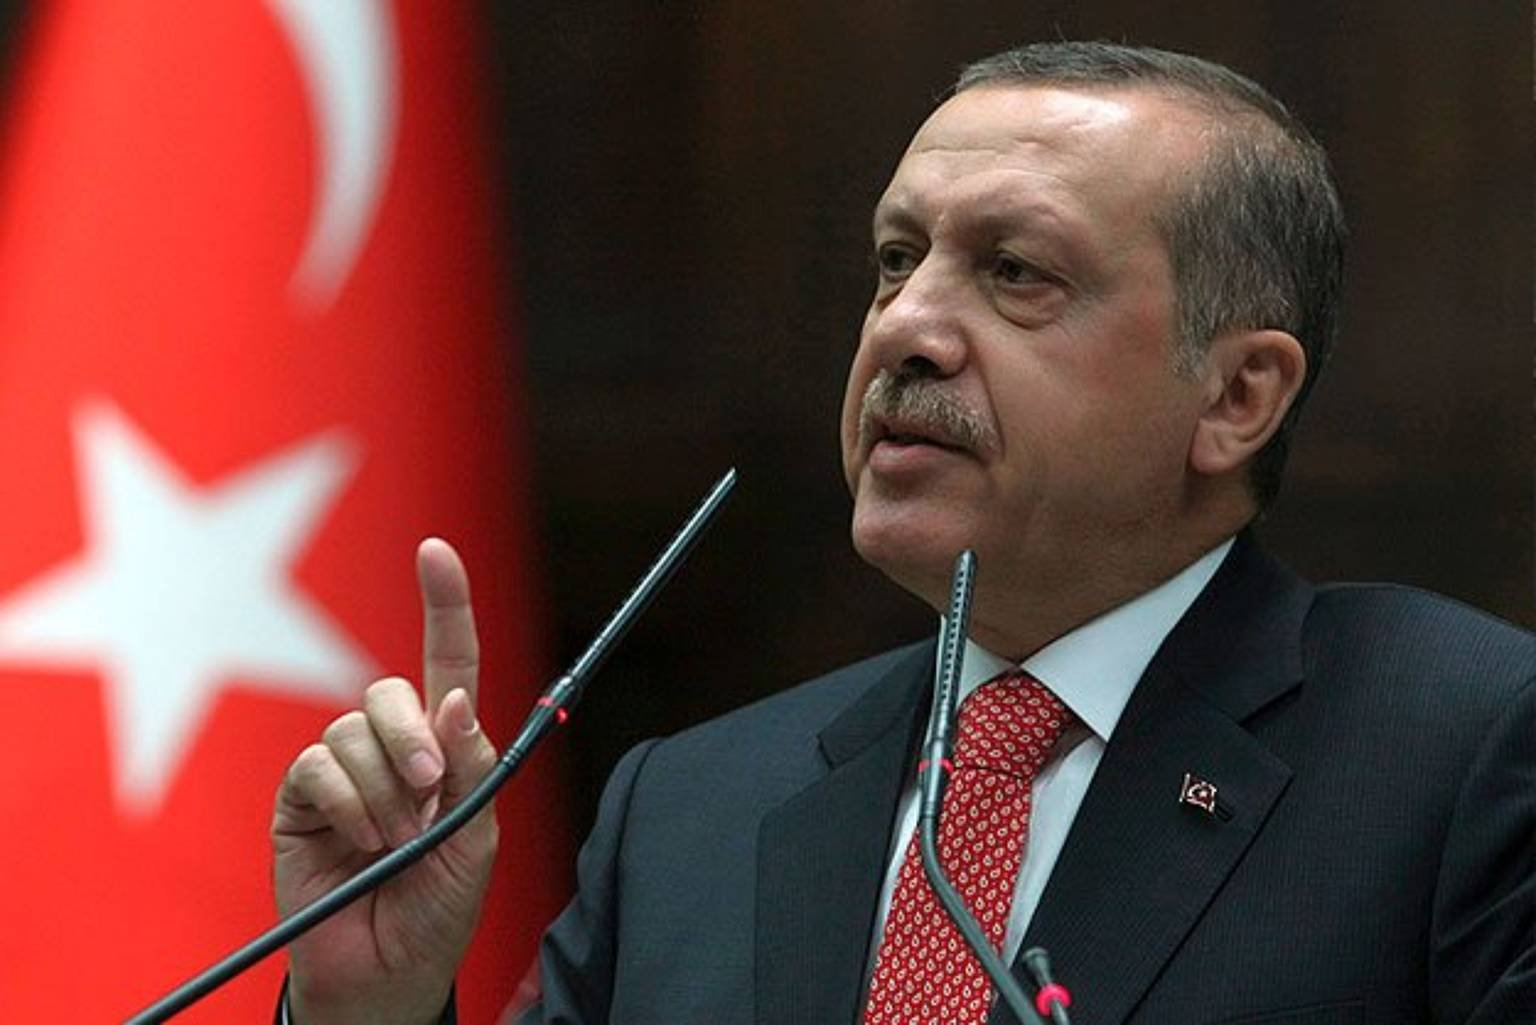 МИД Израиля вызвал посла Турции после заявлений Эрдогана обИерусалиме